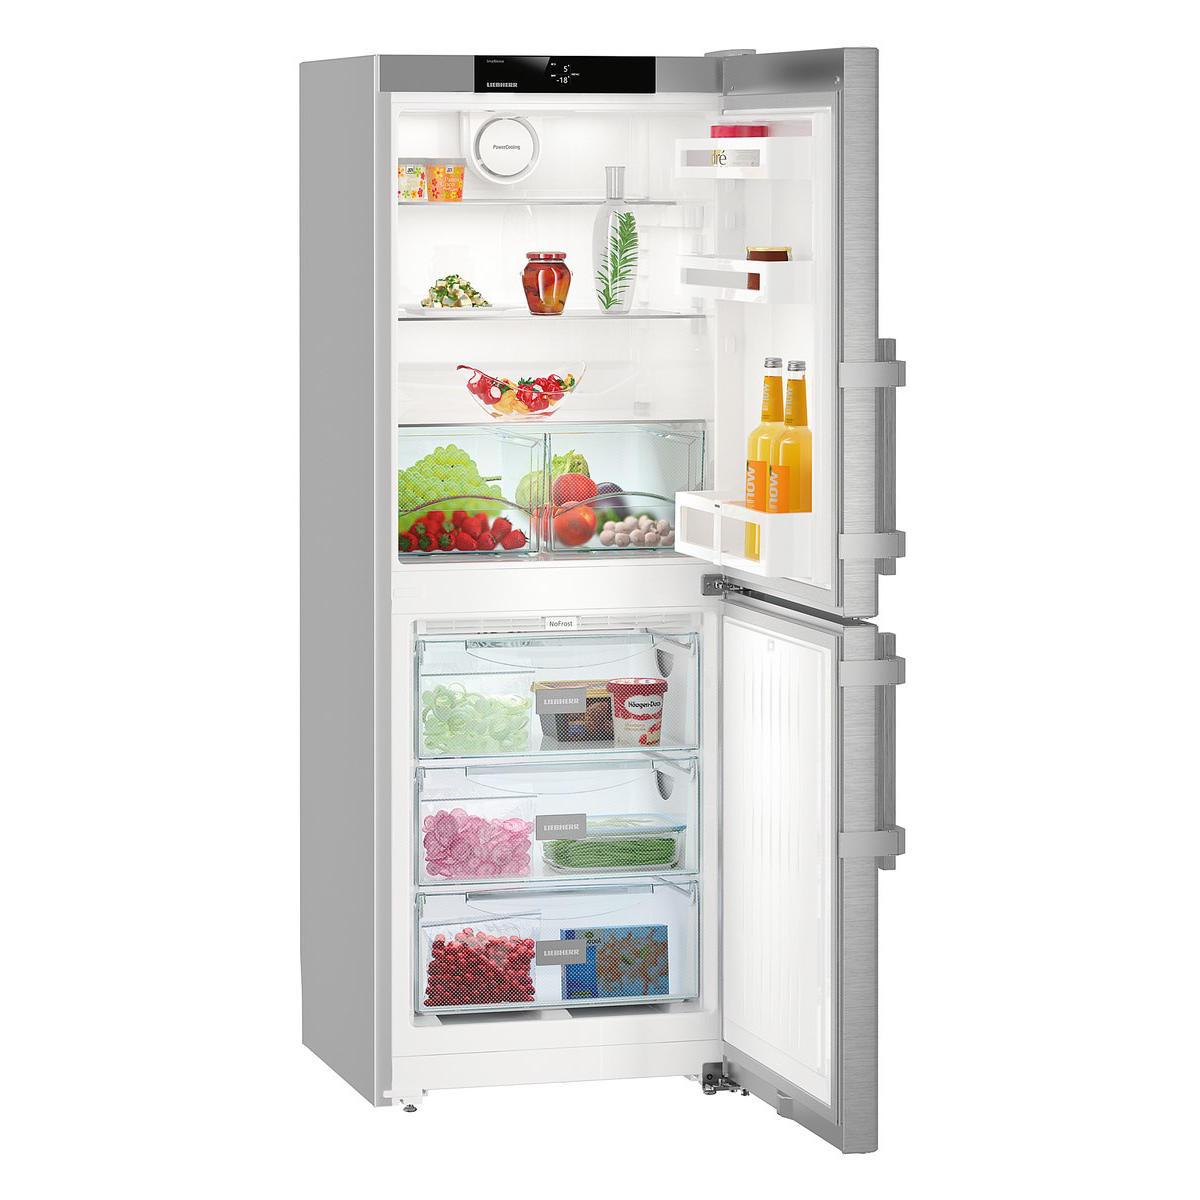 liebherr-cnef-3115-comfort-fridge-freezer-stainless-steel-and-silver